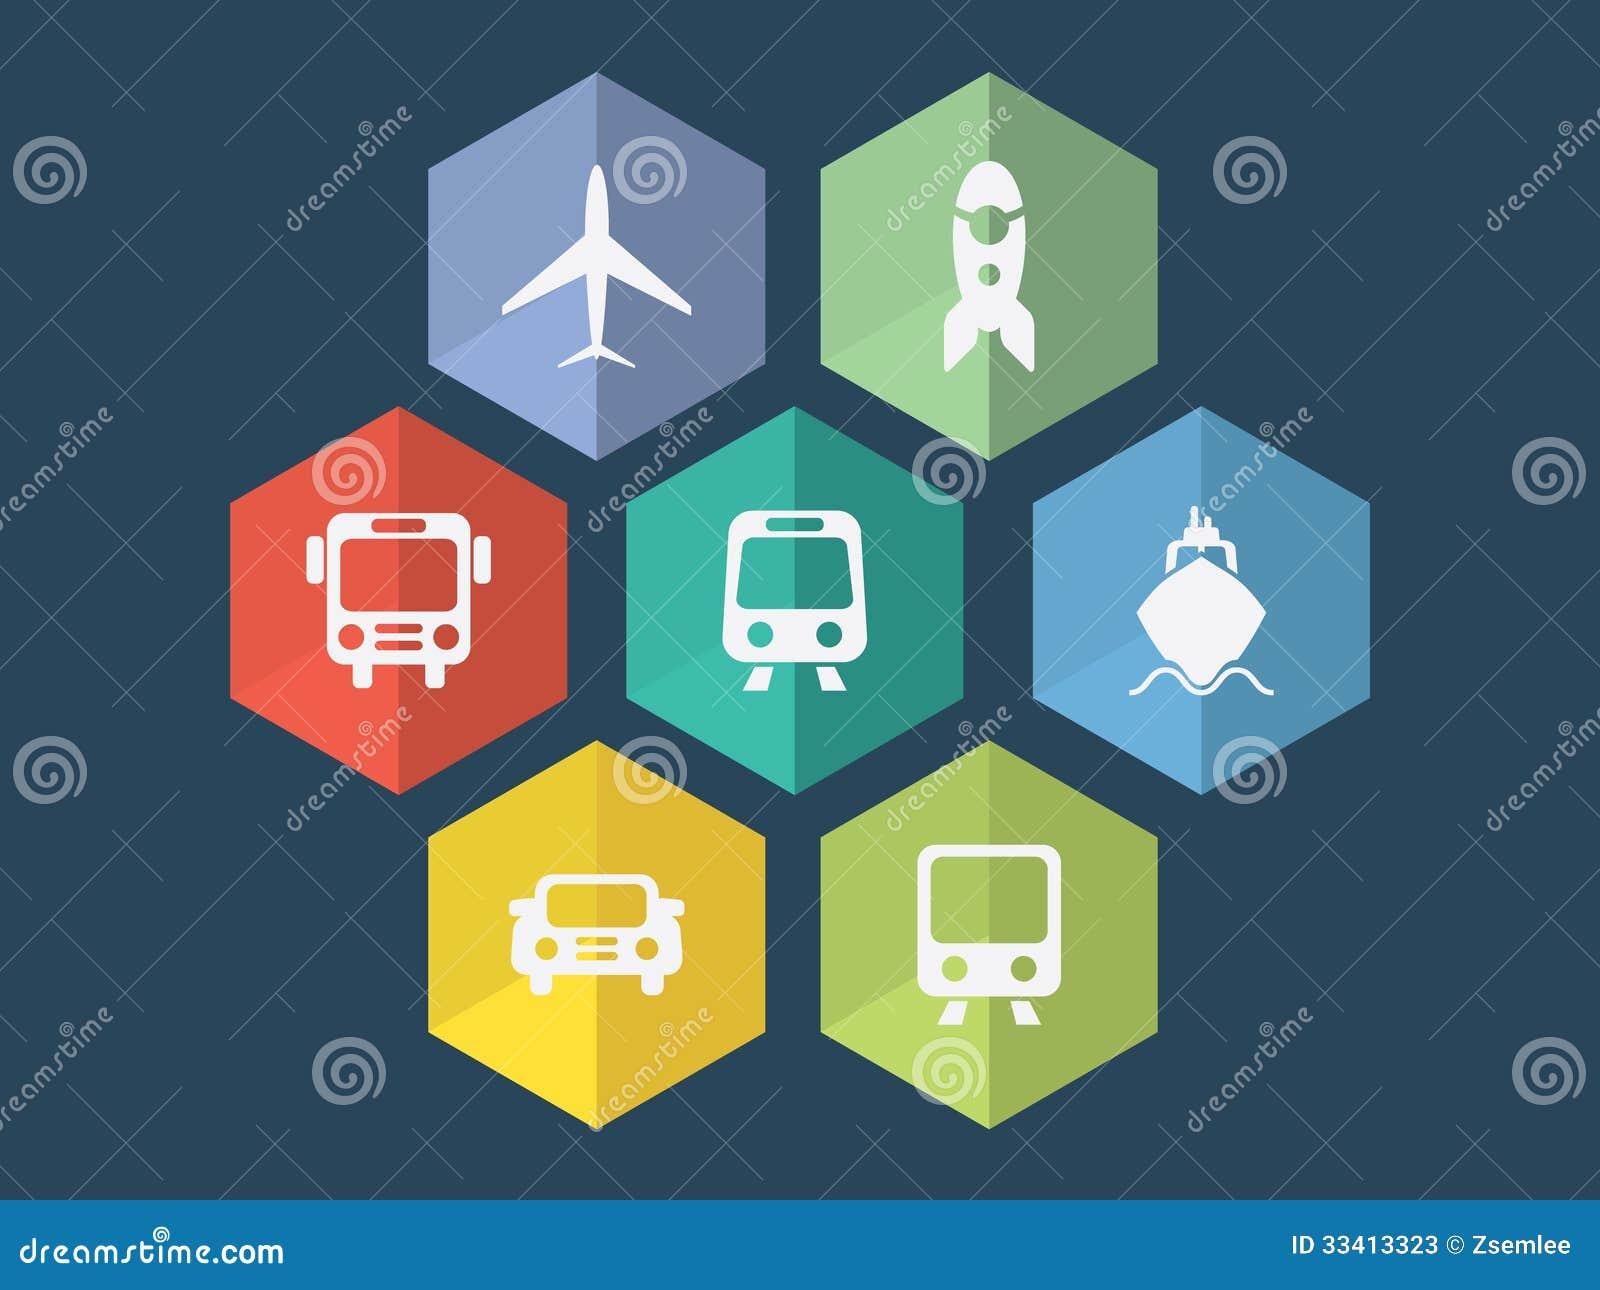 Скачать Eco Technology Flat Icons: Flat Design Transport Icons Stock Photos